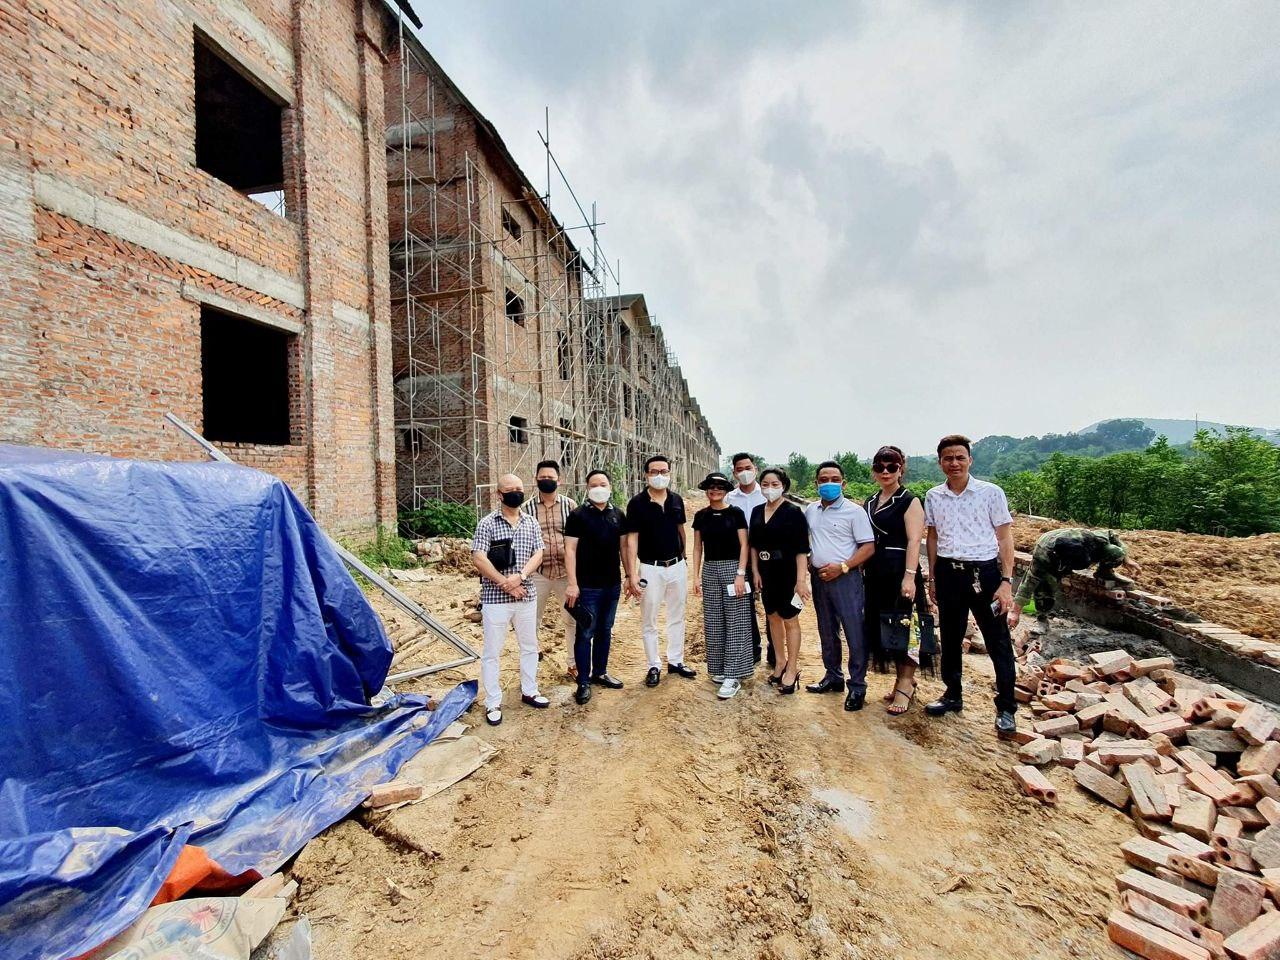 Ban lãnh đạo doanh nghiệp kiểm tra tiến độ công trình tại Biệt thự Nhật Nam